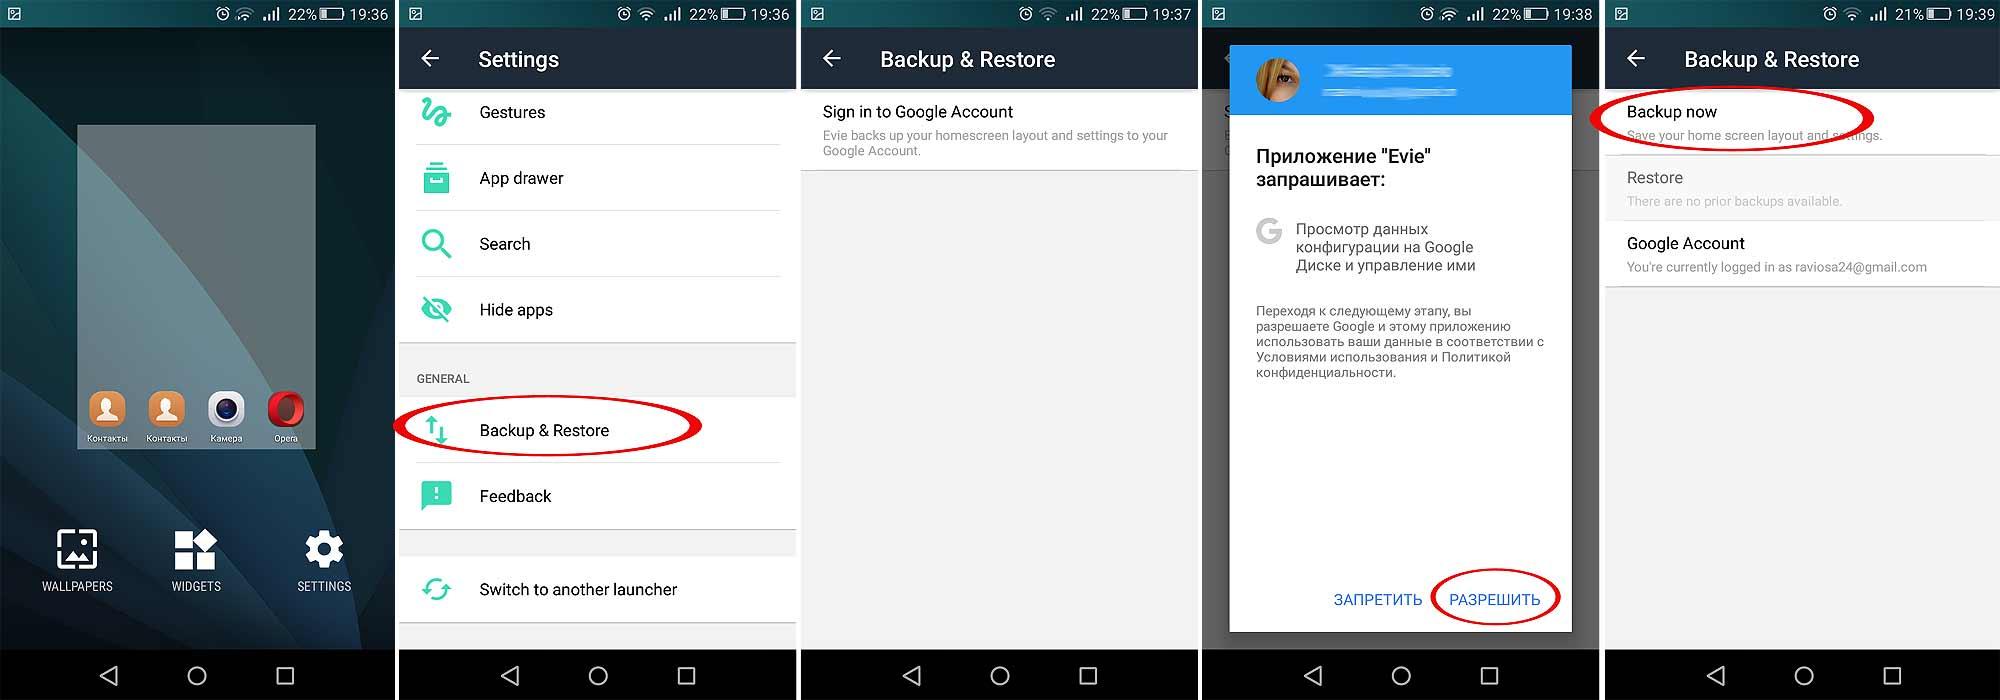 Забэкапить Android-лаунчер: как и зачем это делается - #EvieLauncher